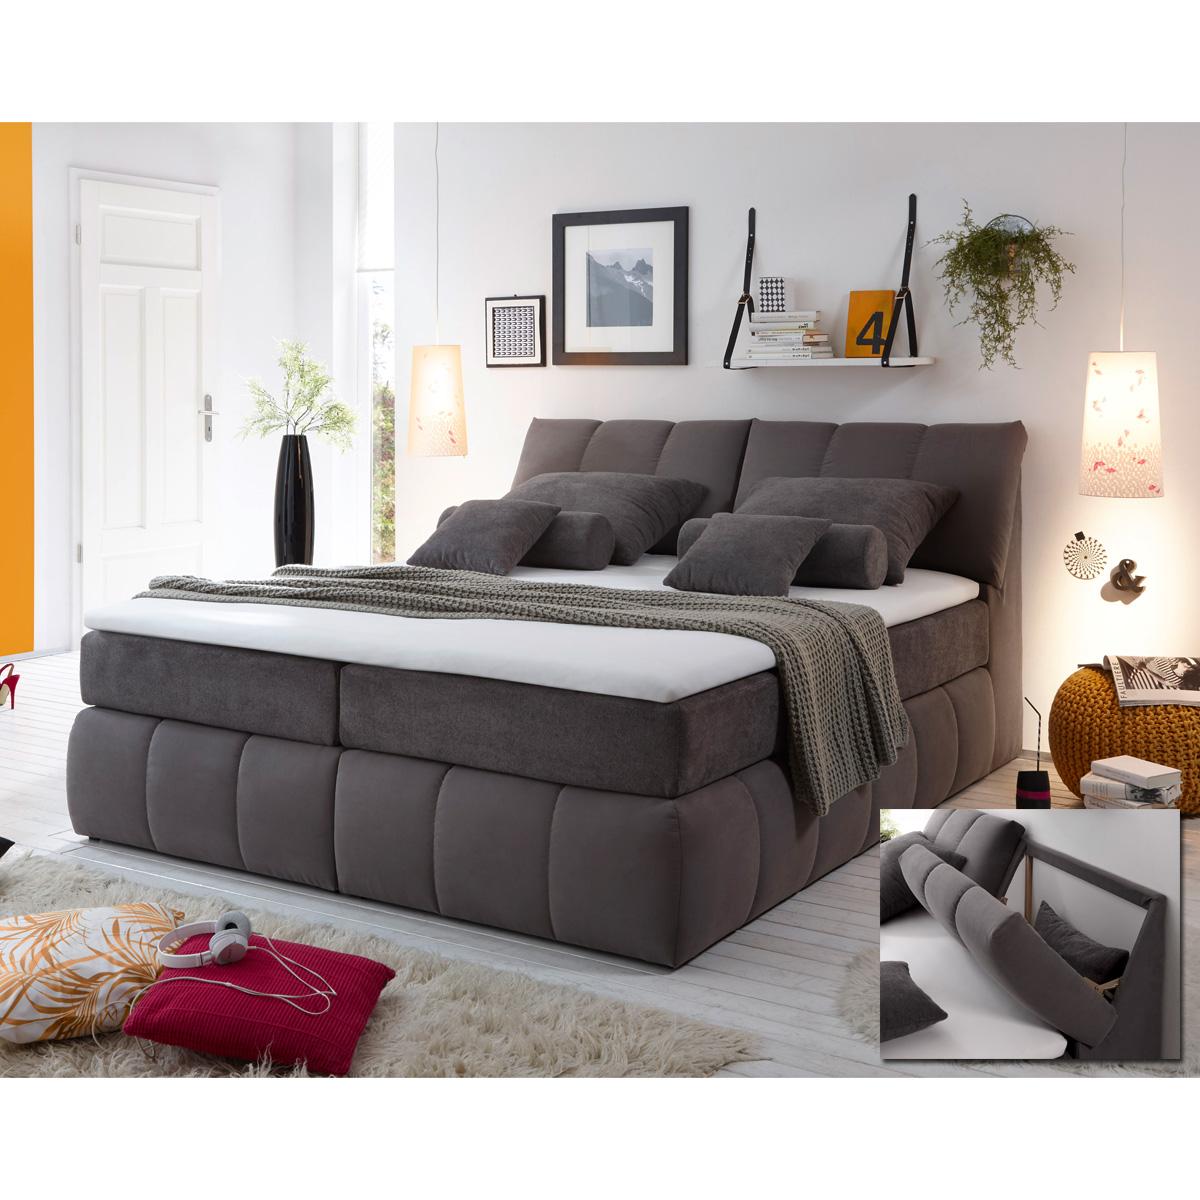 Boxspringbett baltimore 1 bett schlafzimmerbett grau for Bett grau 180x200